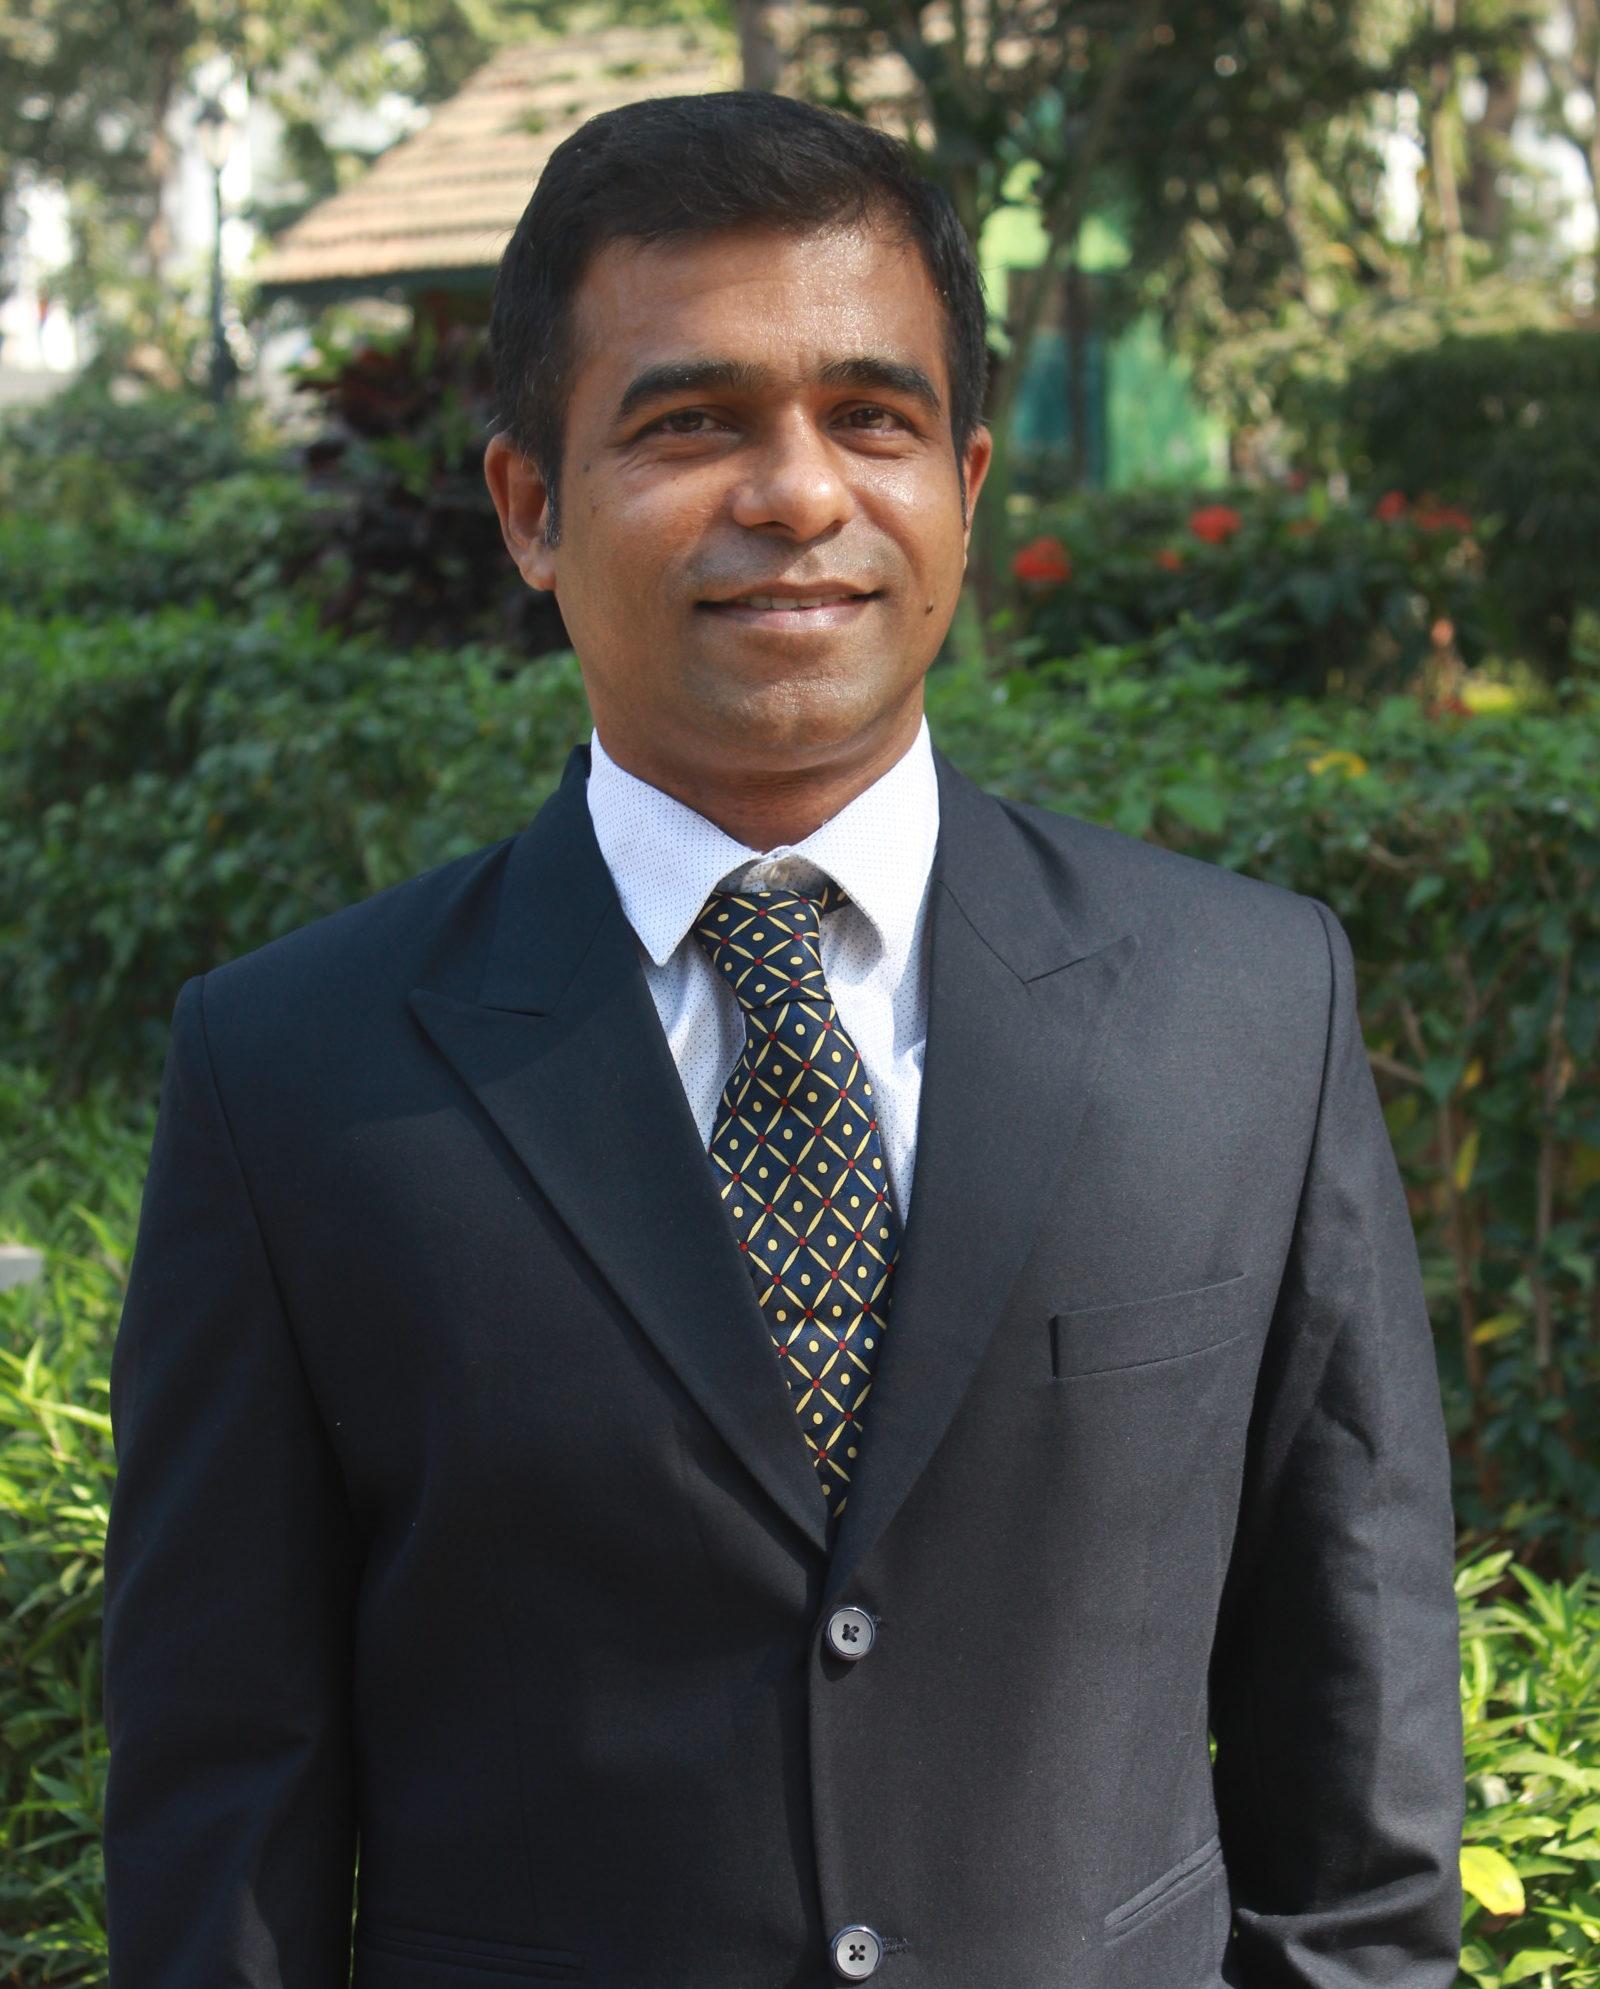 Mr. Rajesh Mathew